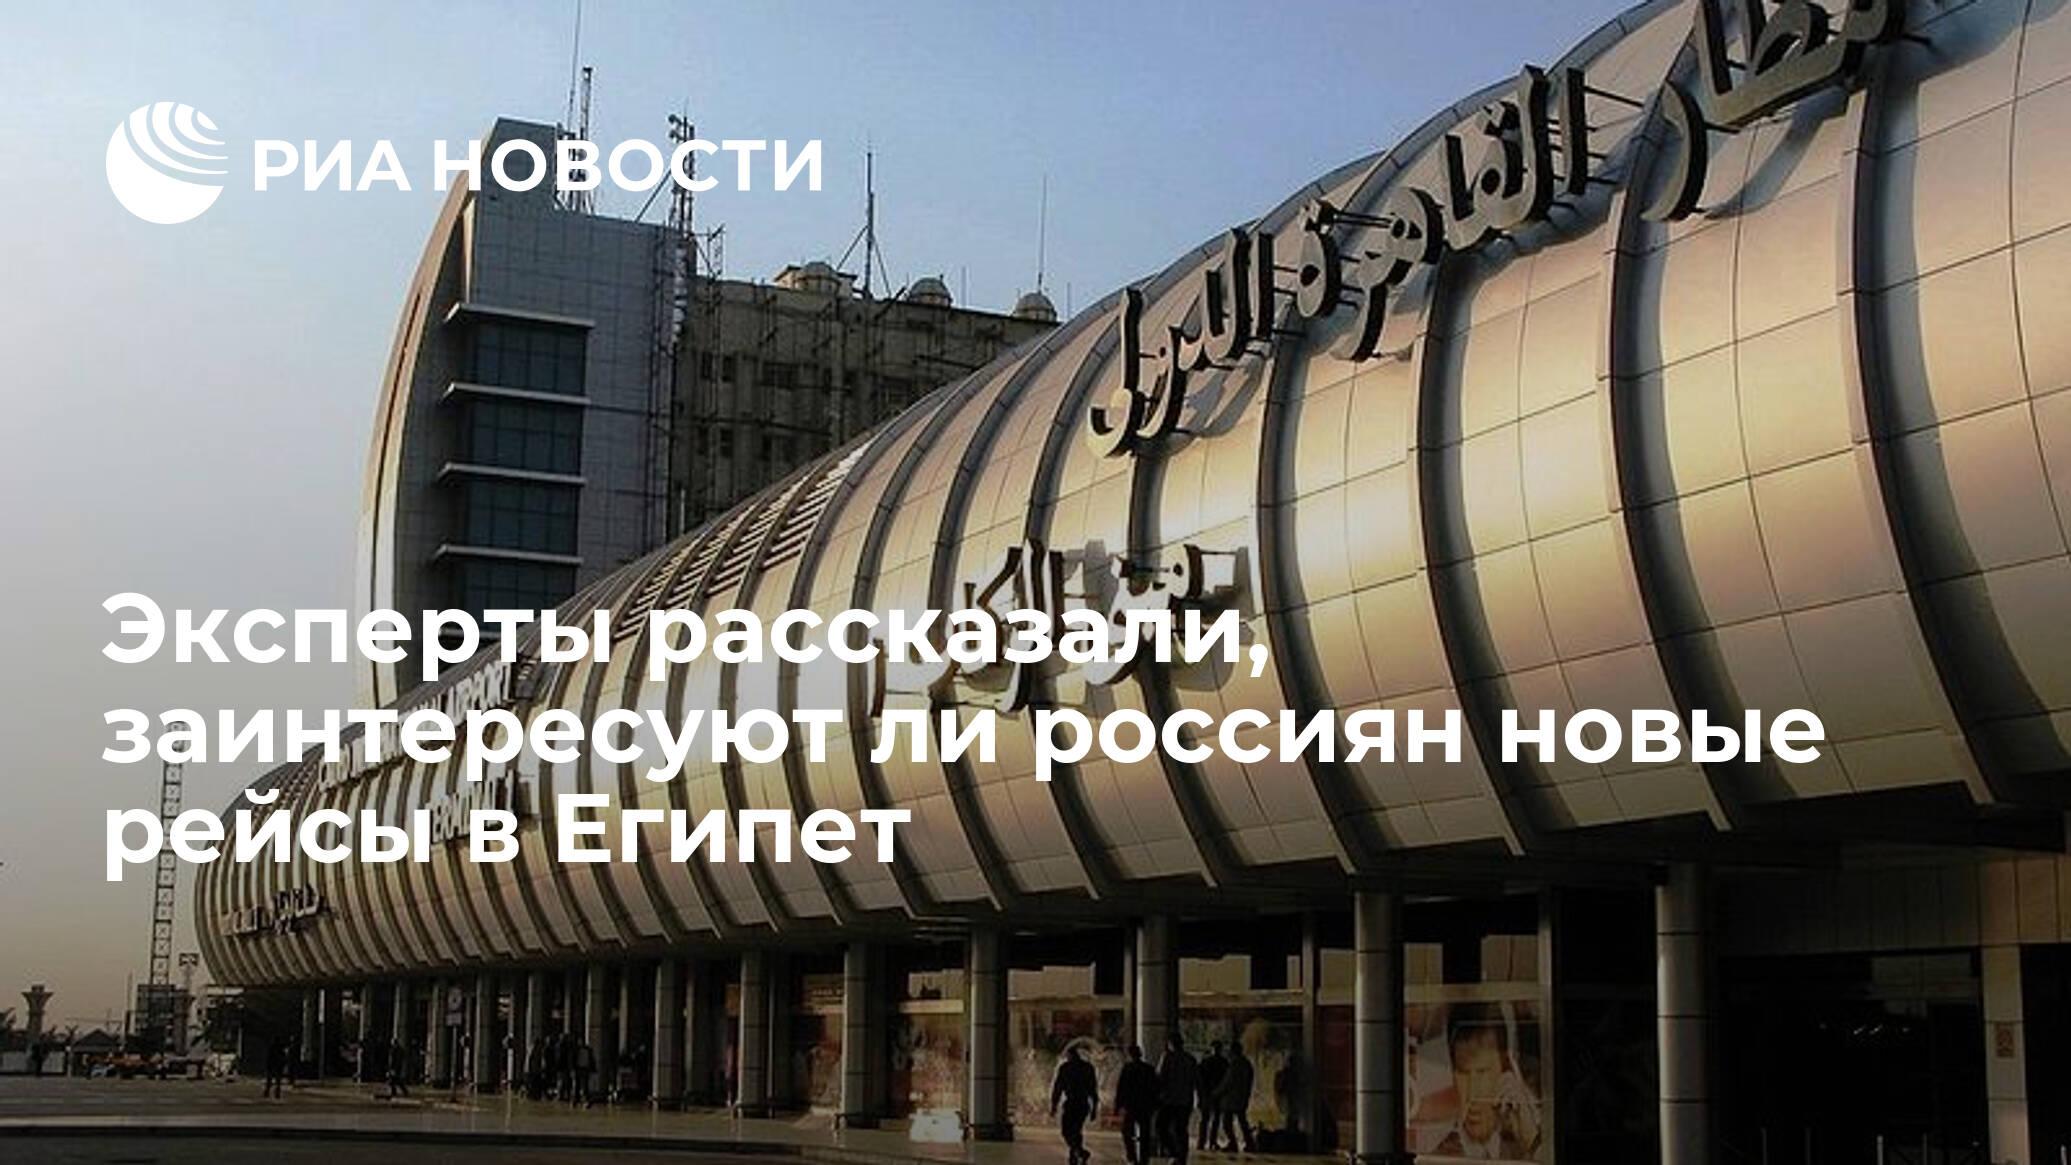 Эксперты рассказали, заинтересуют ли россиян новые рейсы в Египет